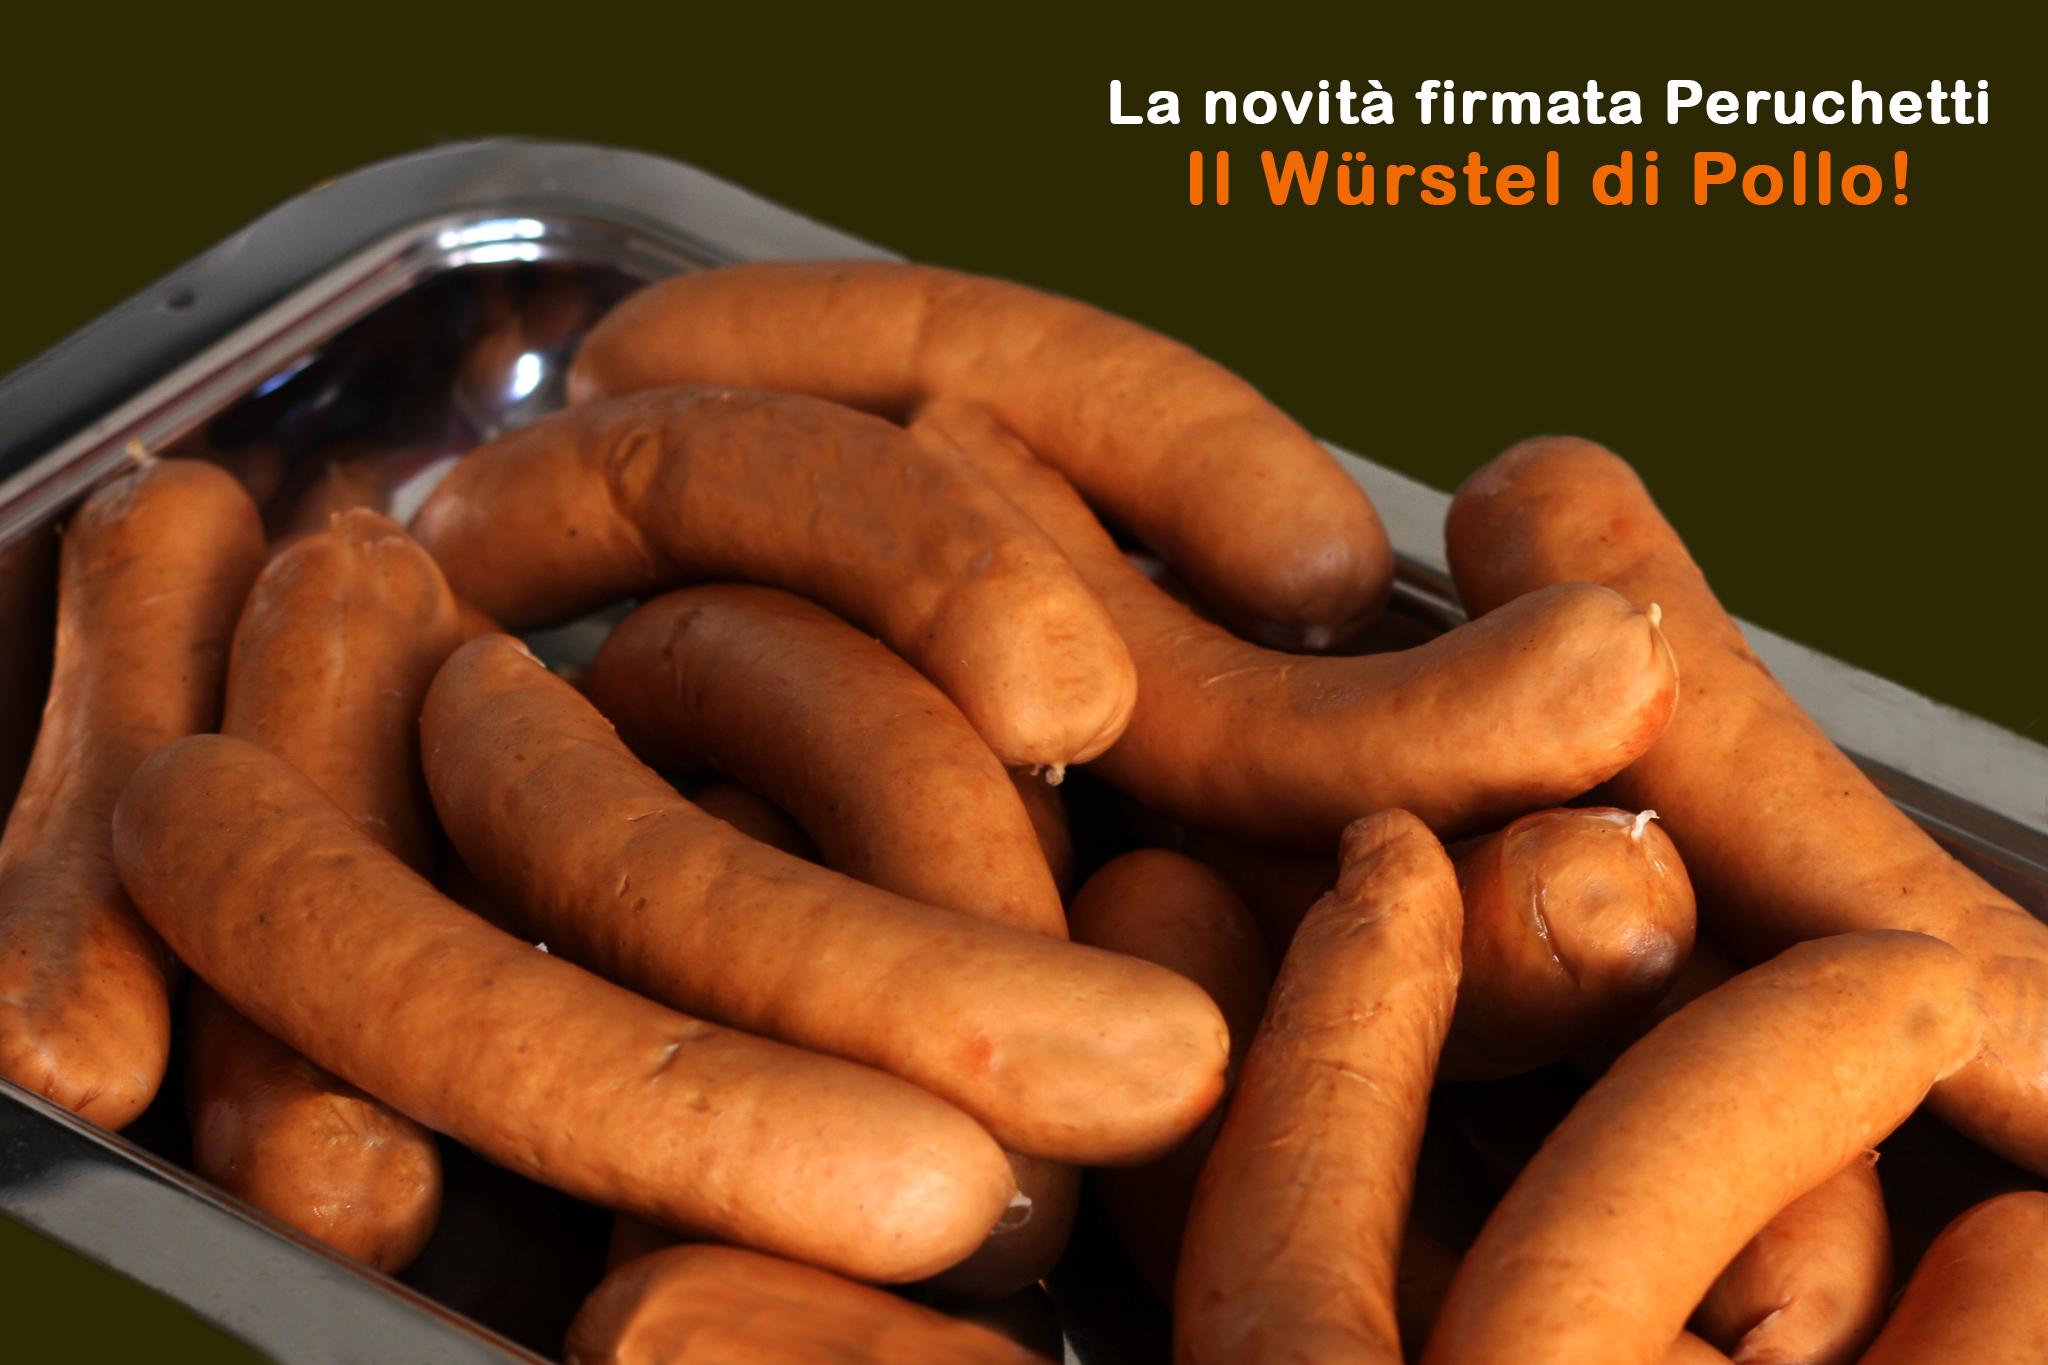 Macelleria_Peruchetti_Wurstel_Pollo_Home